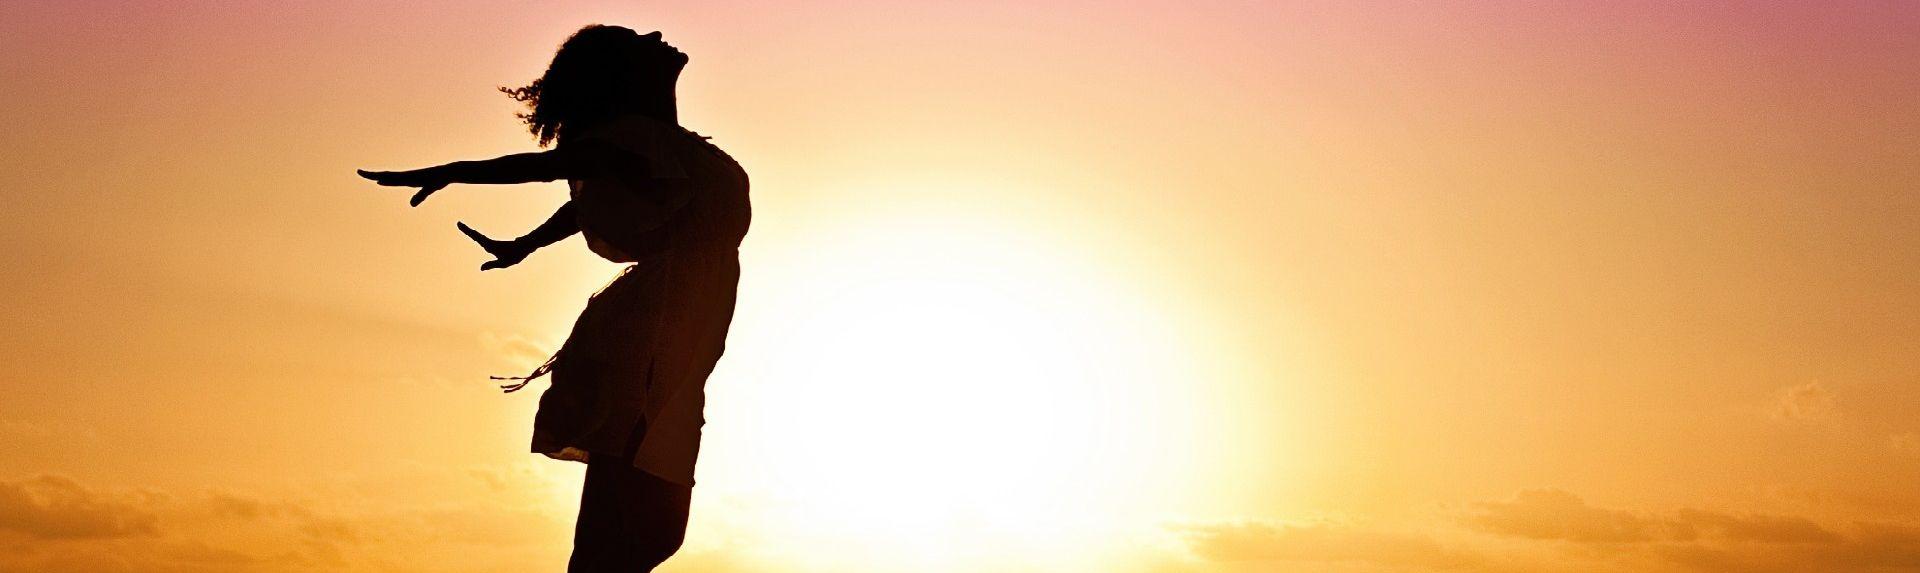 Дыхательная гимнастика Стрельниковой: занимаемся правильно